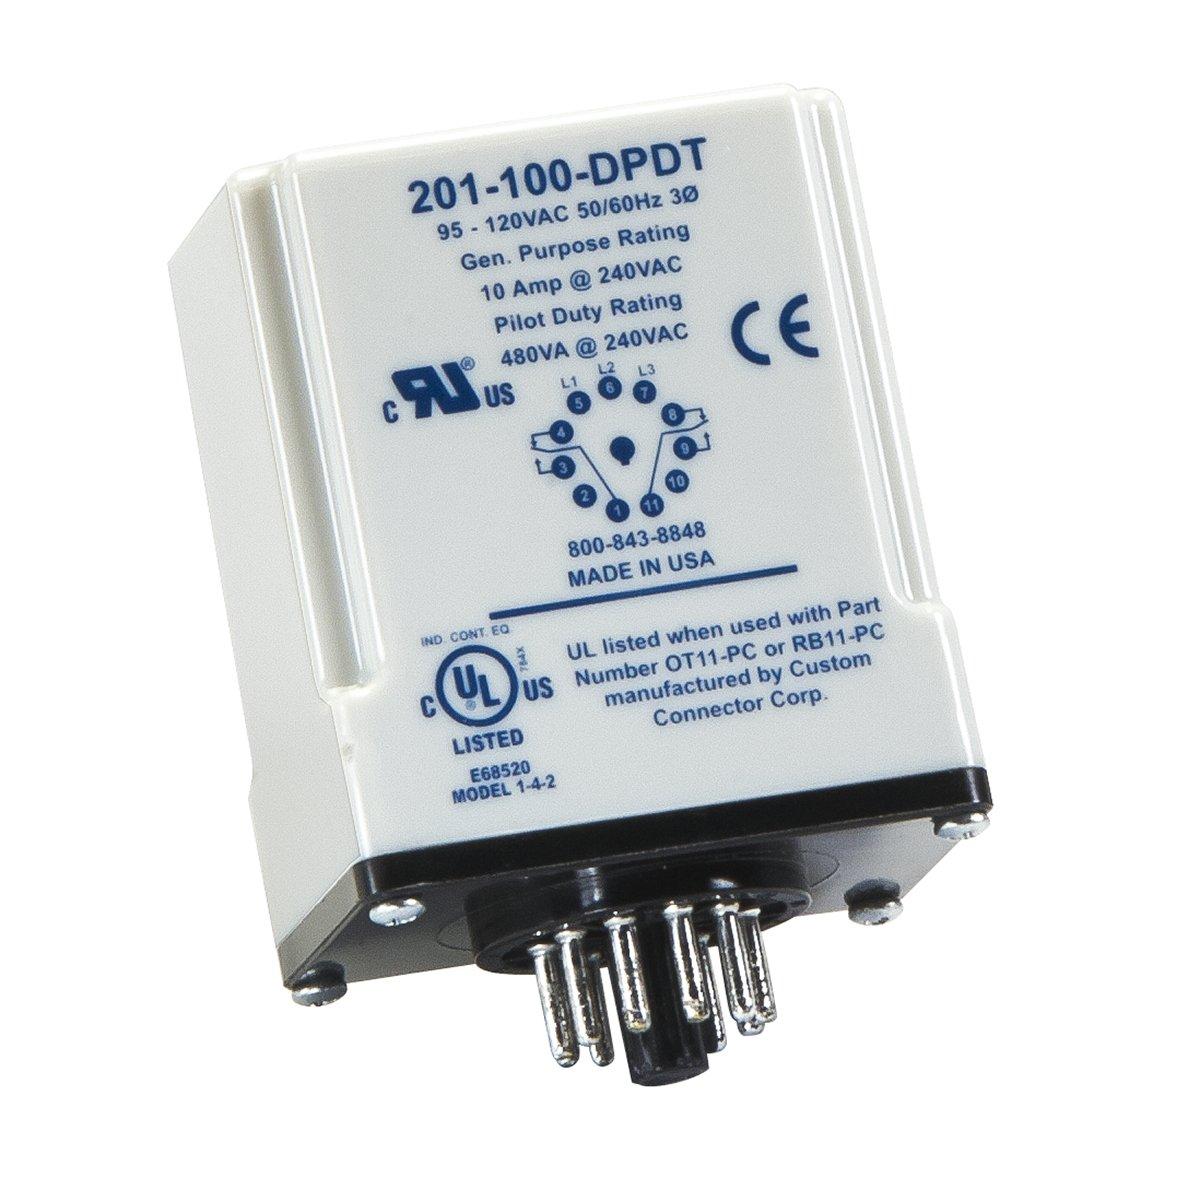 SymCom MotorSaver 3-Phase Voltage Monitor, Model 201-100